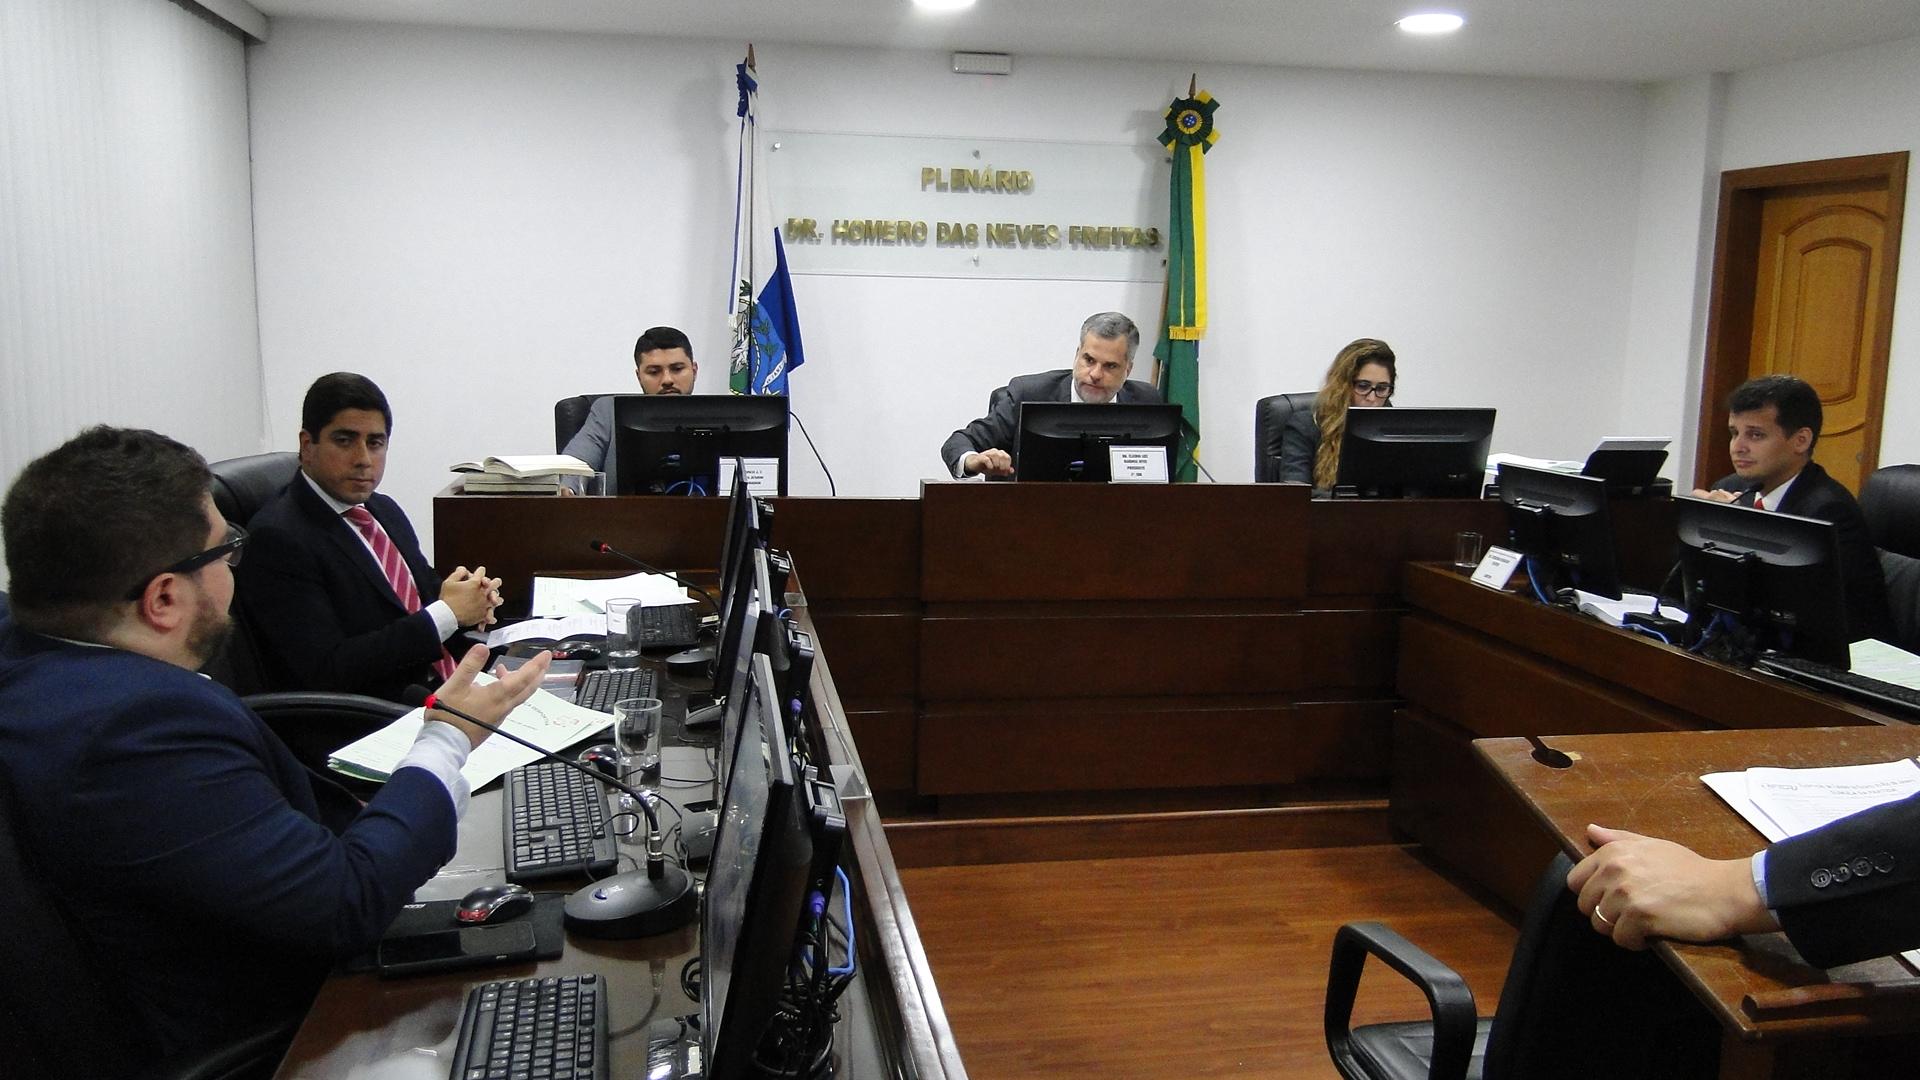 Atletas da base são julgados por expulsões no Carioca